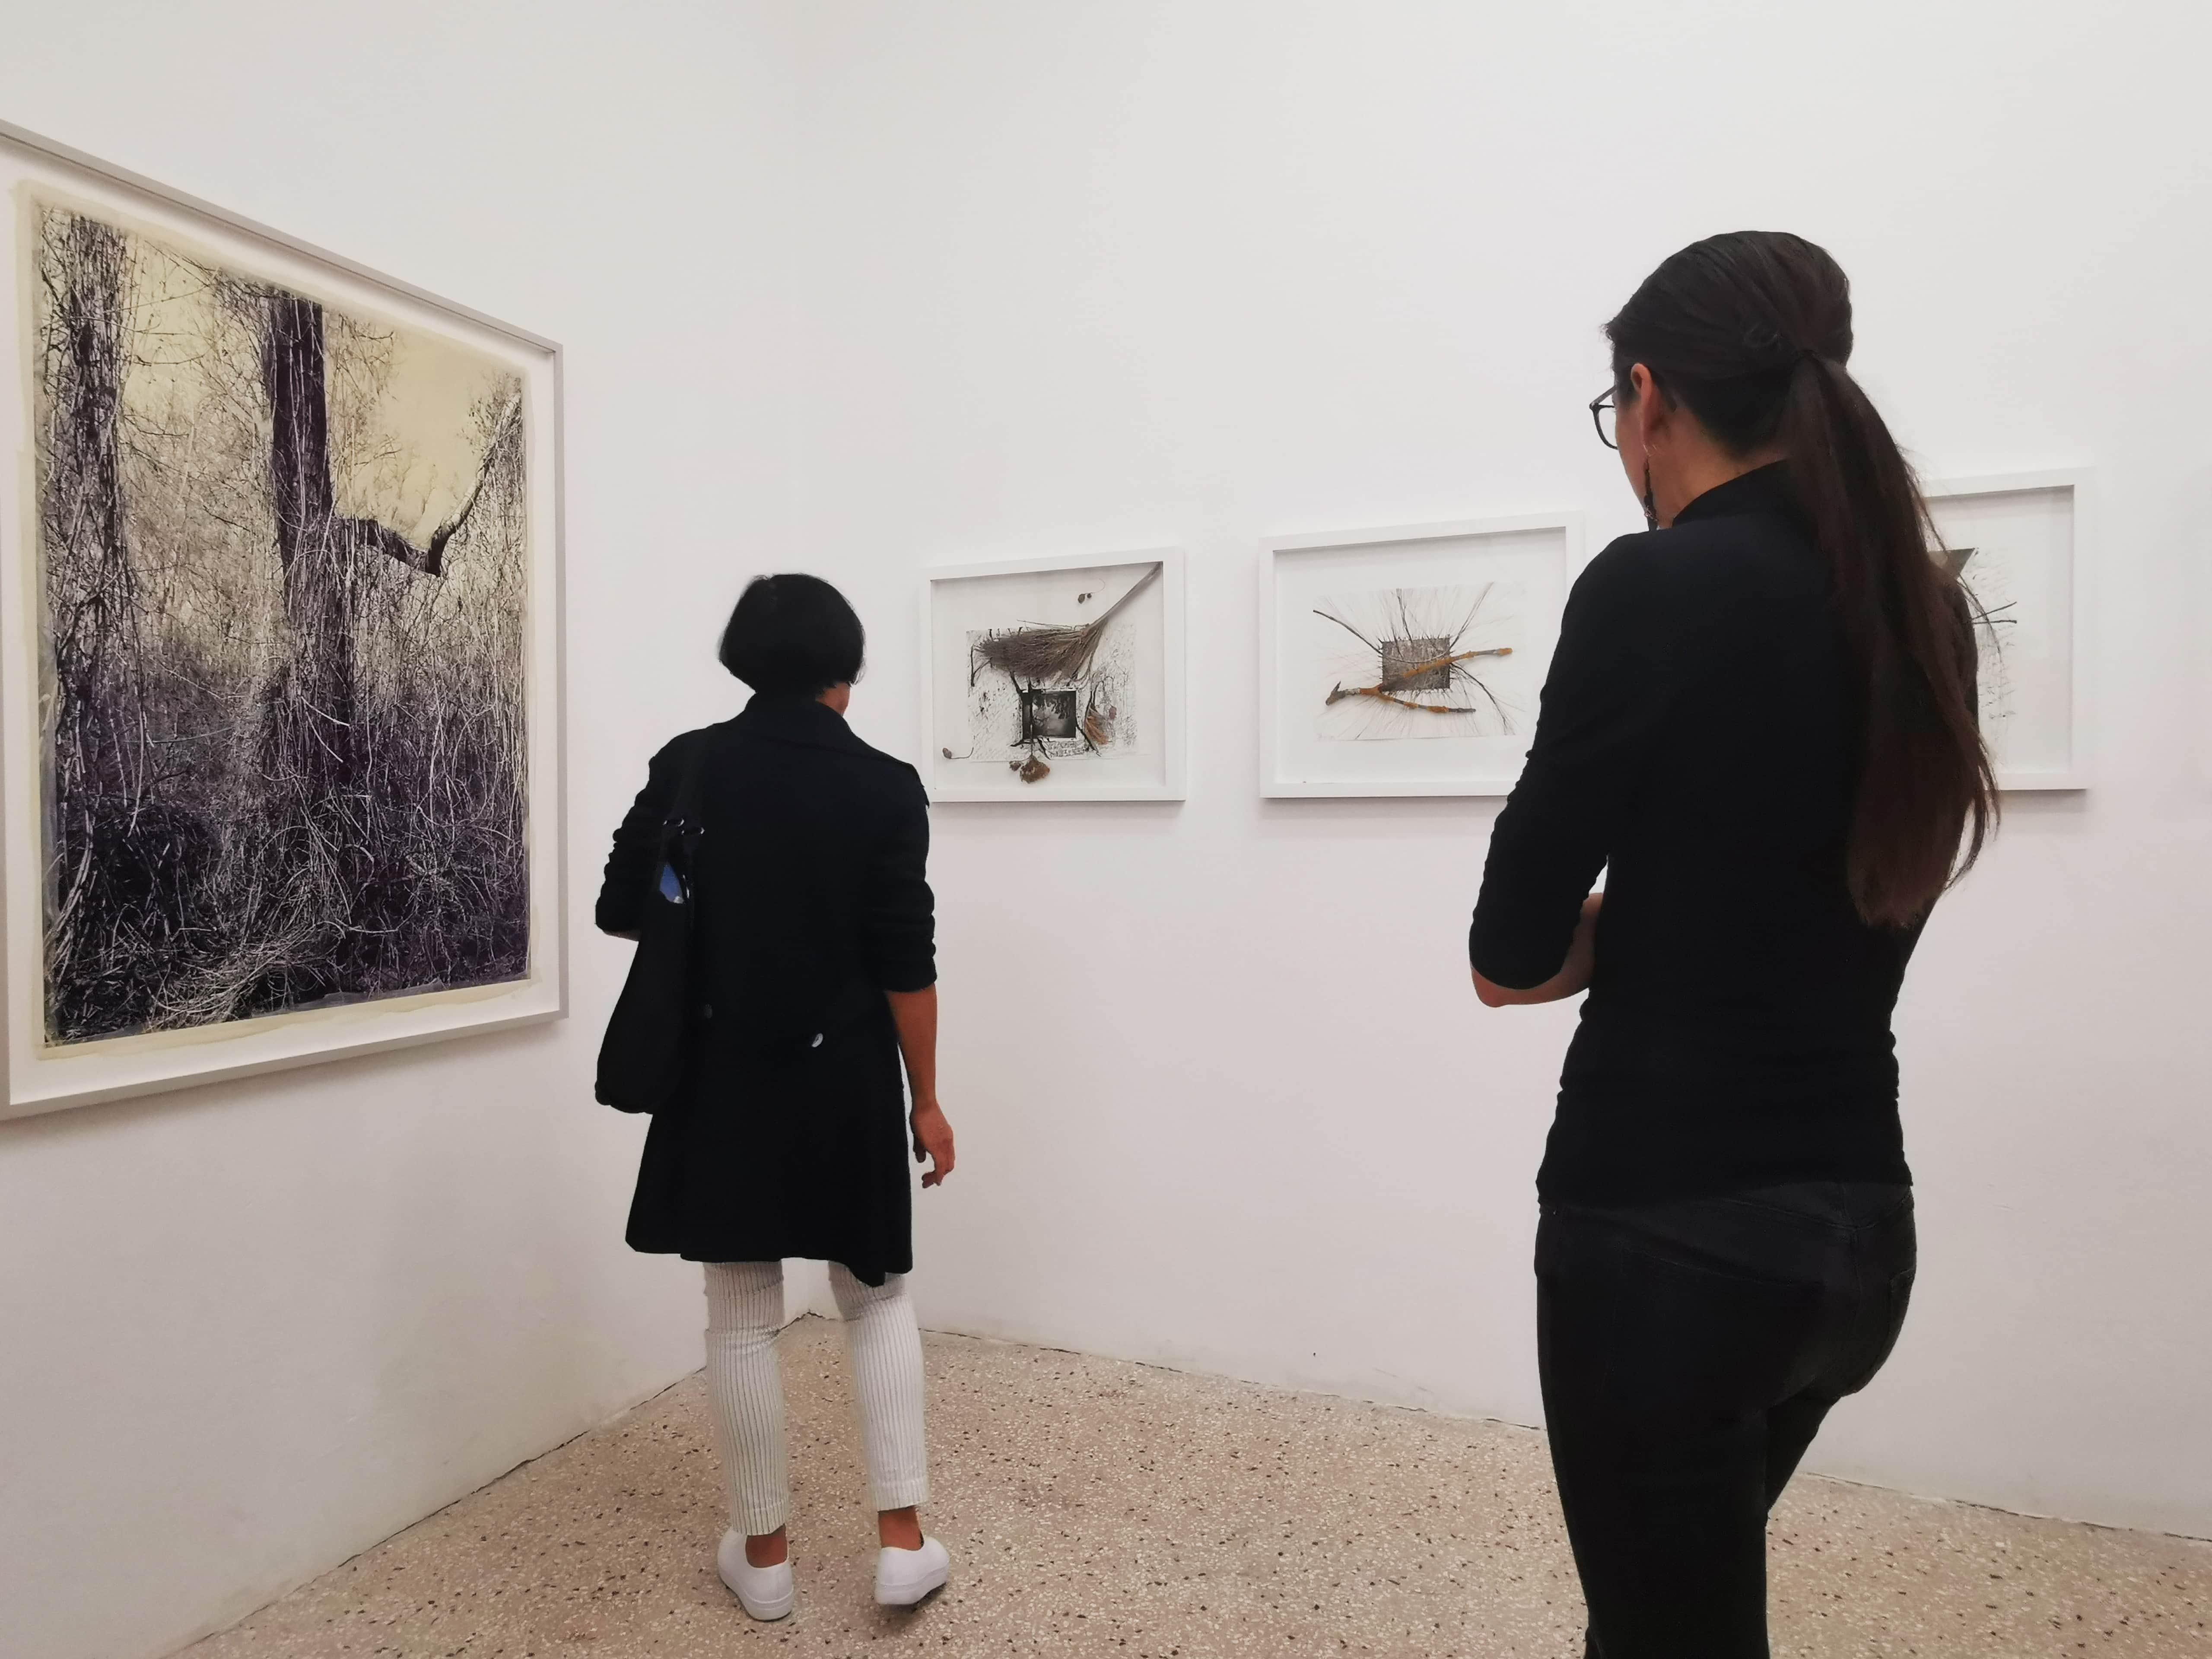 Raum für Fotografie - Ausstellung roots&bonds von Regina Anzenberger 2019